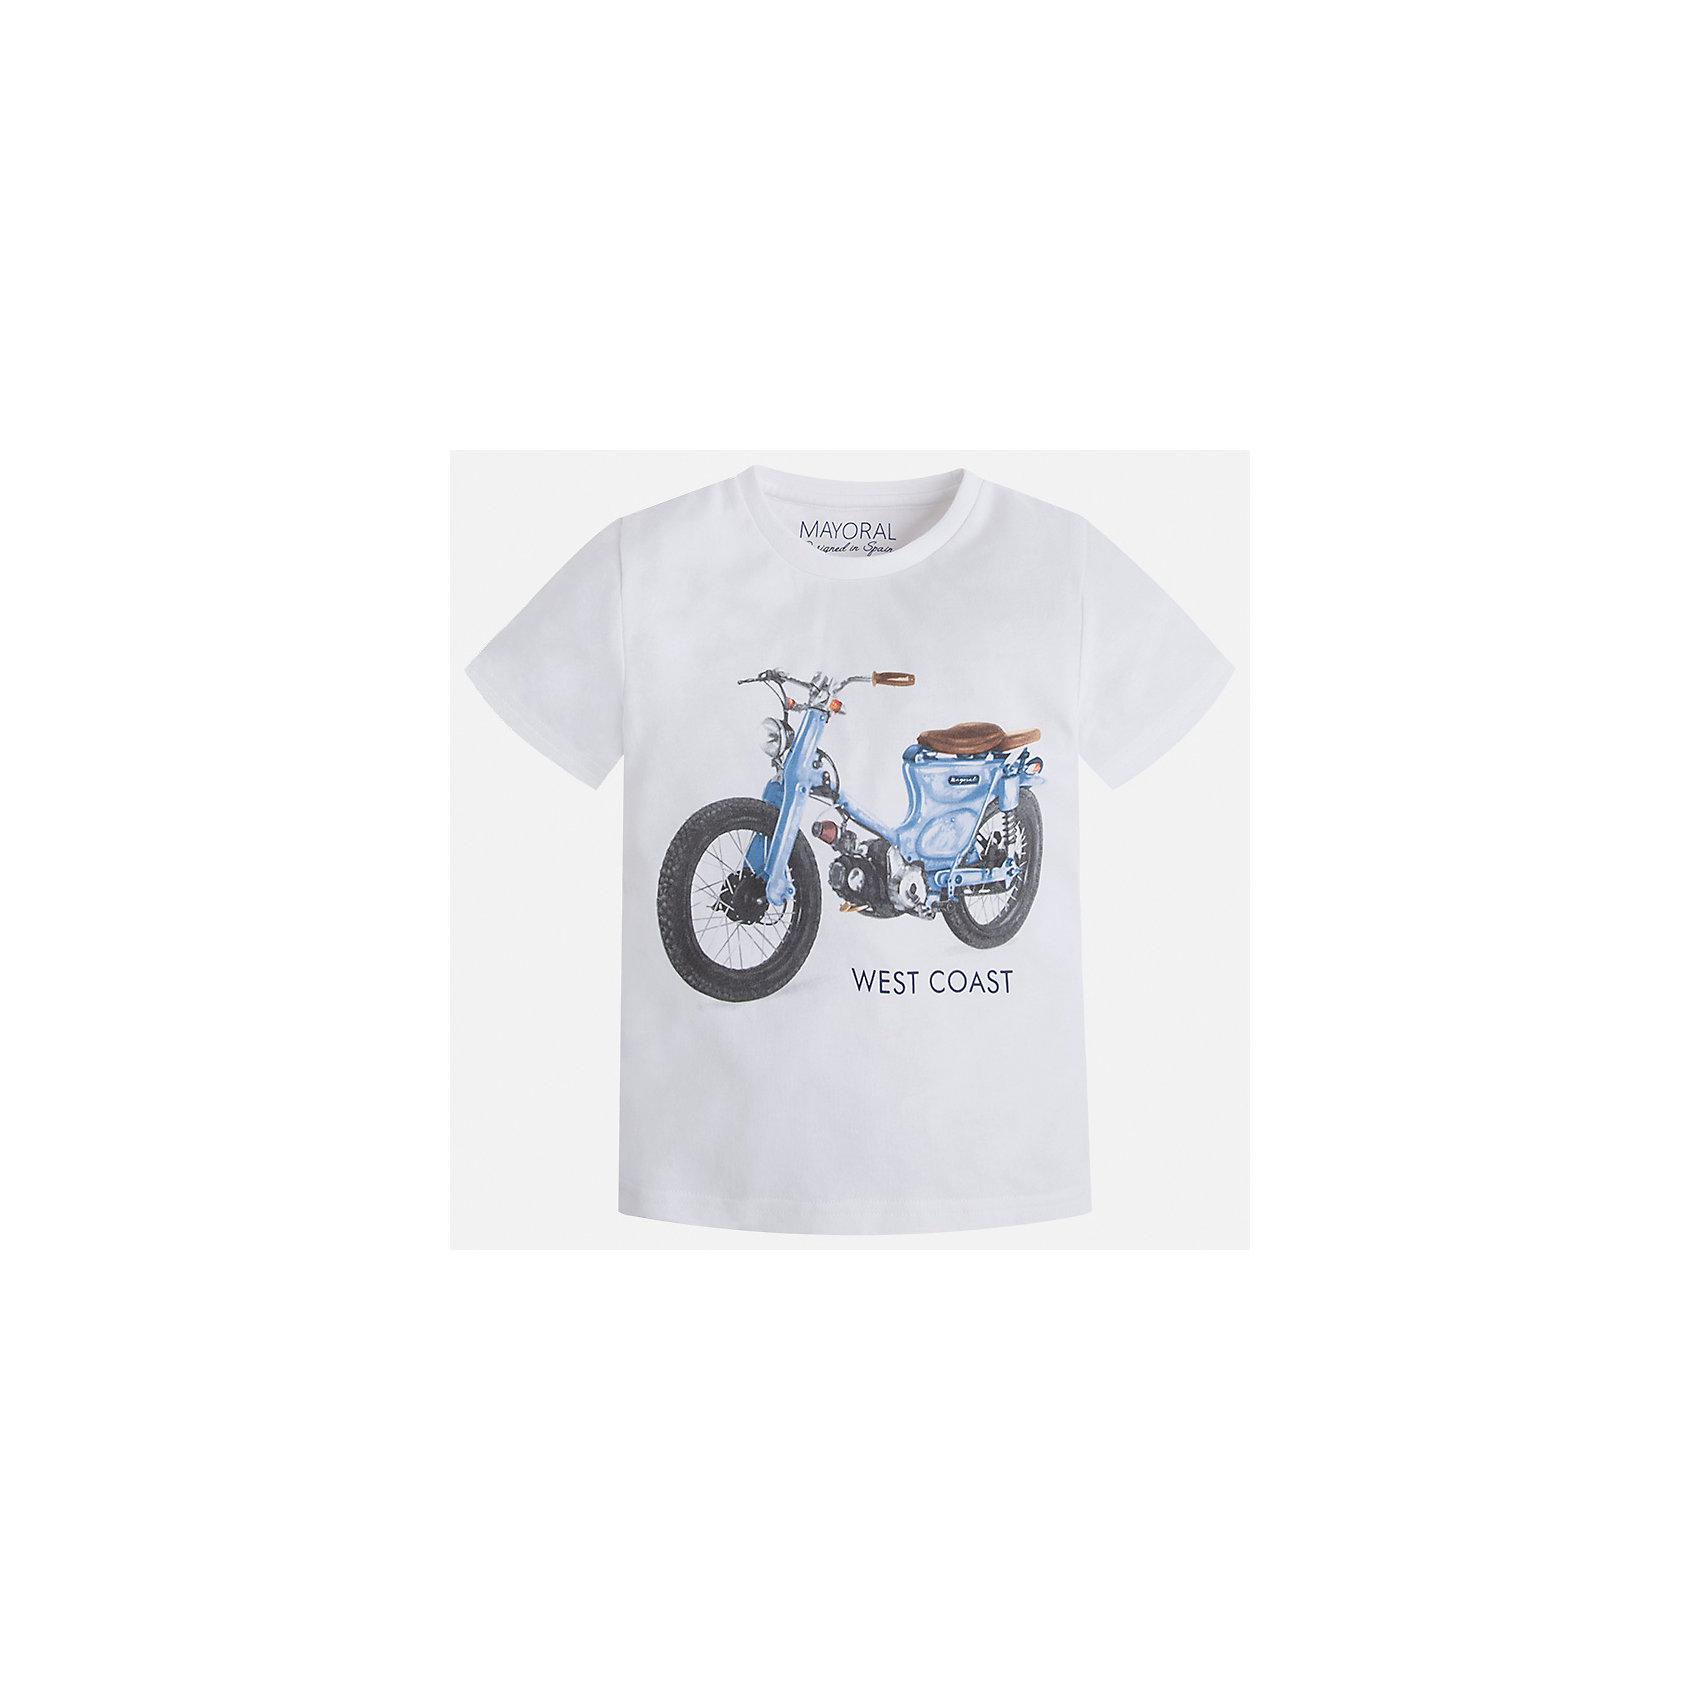 Футболка для мальчика MayoralФутболки, поло и топы<br>Характеристики товара:<br><br>• цвет: белый<br>• состав: 100% хлопок<br>• круглый горловой вырез<br>• декорирована принтом<br>• короткие рукава<br>• отделка горловины<br>• страна бренда: Испания<br><br>Стильная удобная футболка с принтом поможет разнообразить гардероб мальчика. Она отлично сочетается с брюками, шортами, джинсами. Универсальный крой и цвет позволяет подобрать к вещи низ разных расцветок. Практичное и стильное изделие! Хорошо смотрится и комфортно сидит на детях. В составе материала - только натуральный хлопок, гипоаллергенный, приятный на ощупь, дышащий. <br><br>Одежда, обувь и аксессуары от испанского бренда Mayoral полюбились детям и взрослым по всему миру. Модели этой марки - стильные и удобные. Для их производства используются только безопасные, качественные материалы и фурнитура. Порадуйте ребенка модными и красивыми вещами от Mayoral! <br><br>Футболку для мальчика от испанского бренда Mayoral (Майорал) можно купить в нашем интернет-магазине.<br><br>Ширина мм: 199<br>Глубина мм: 10<br>Высота мм: 161<br>Вес г: 151<br>Цвет: белый<br>Возраст от месяцев: 18<br>Возраст до месяцев: 24<br>Пол: Мужской<br>Возраст: Детский<br>Размер: 92,134,128,122,116,110,104,98<br>SKU: 5280008